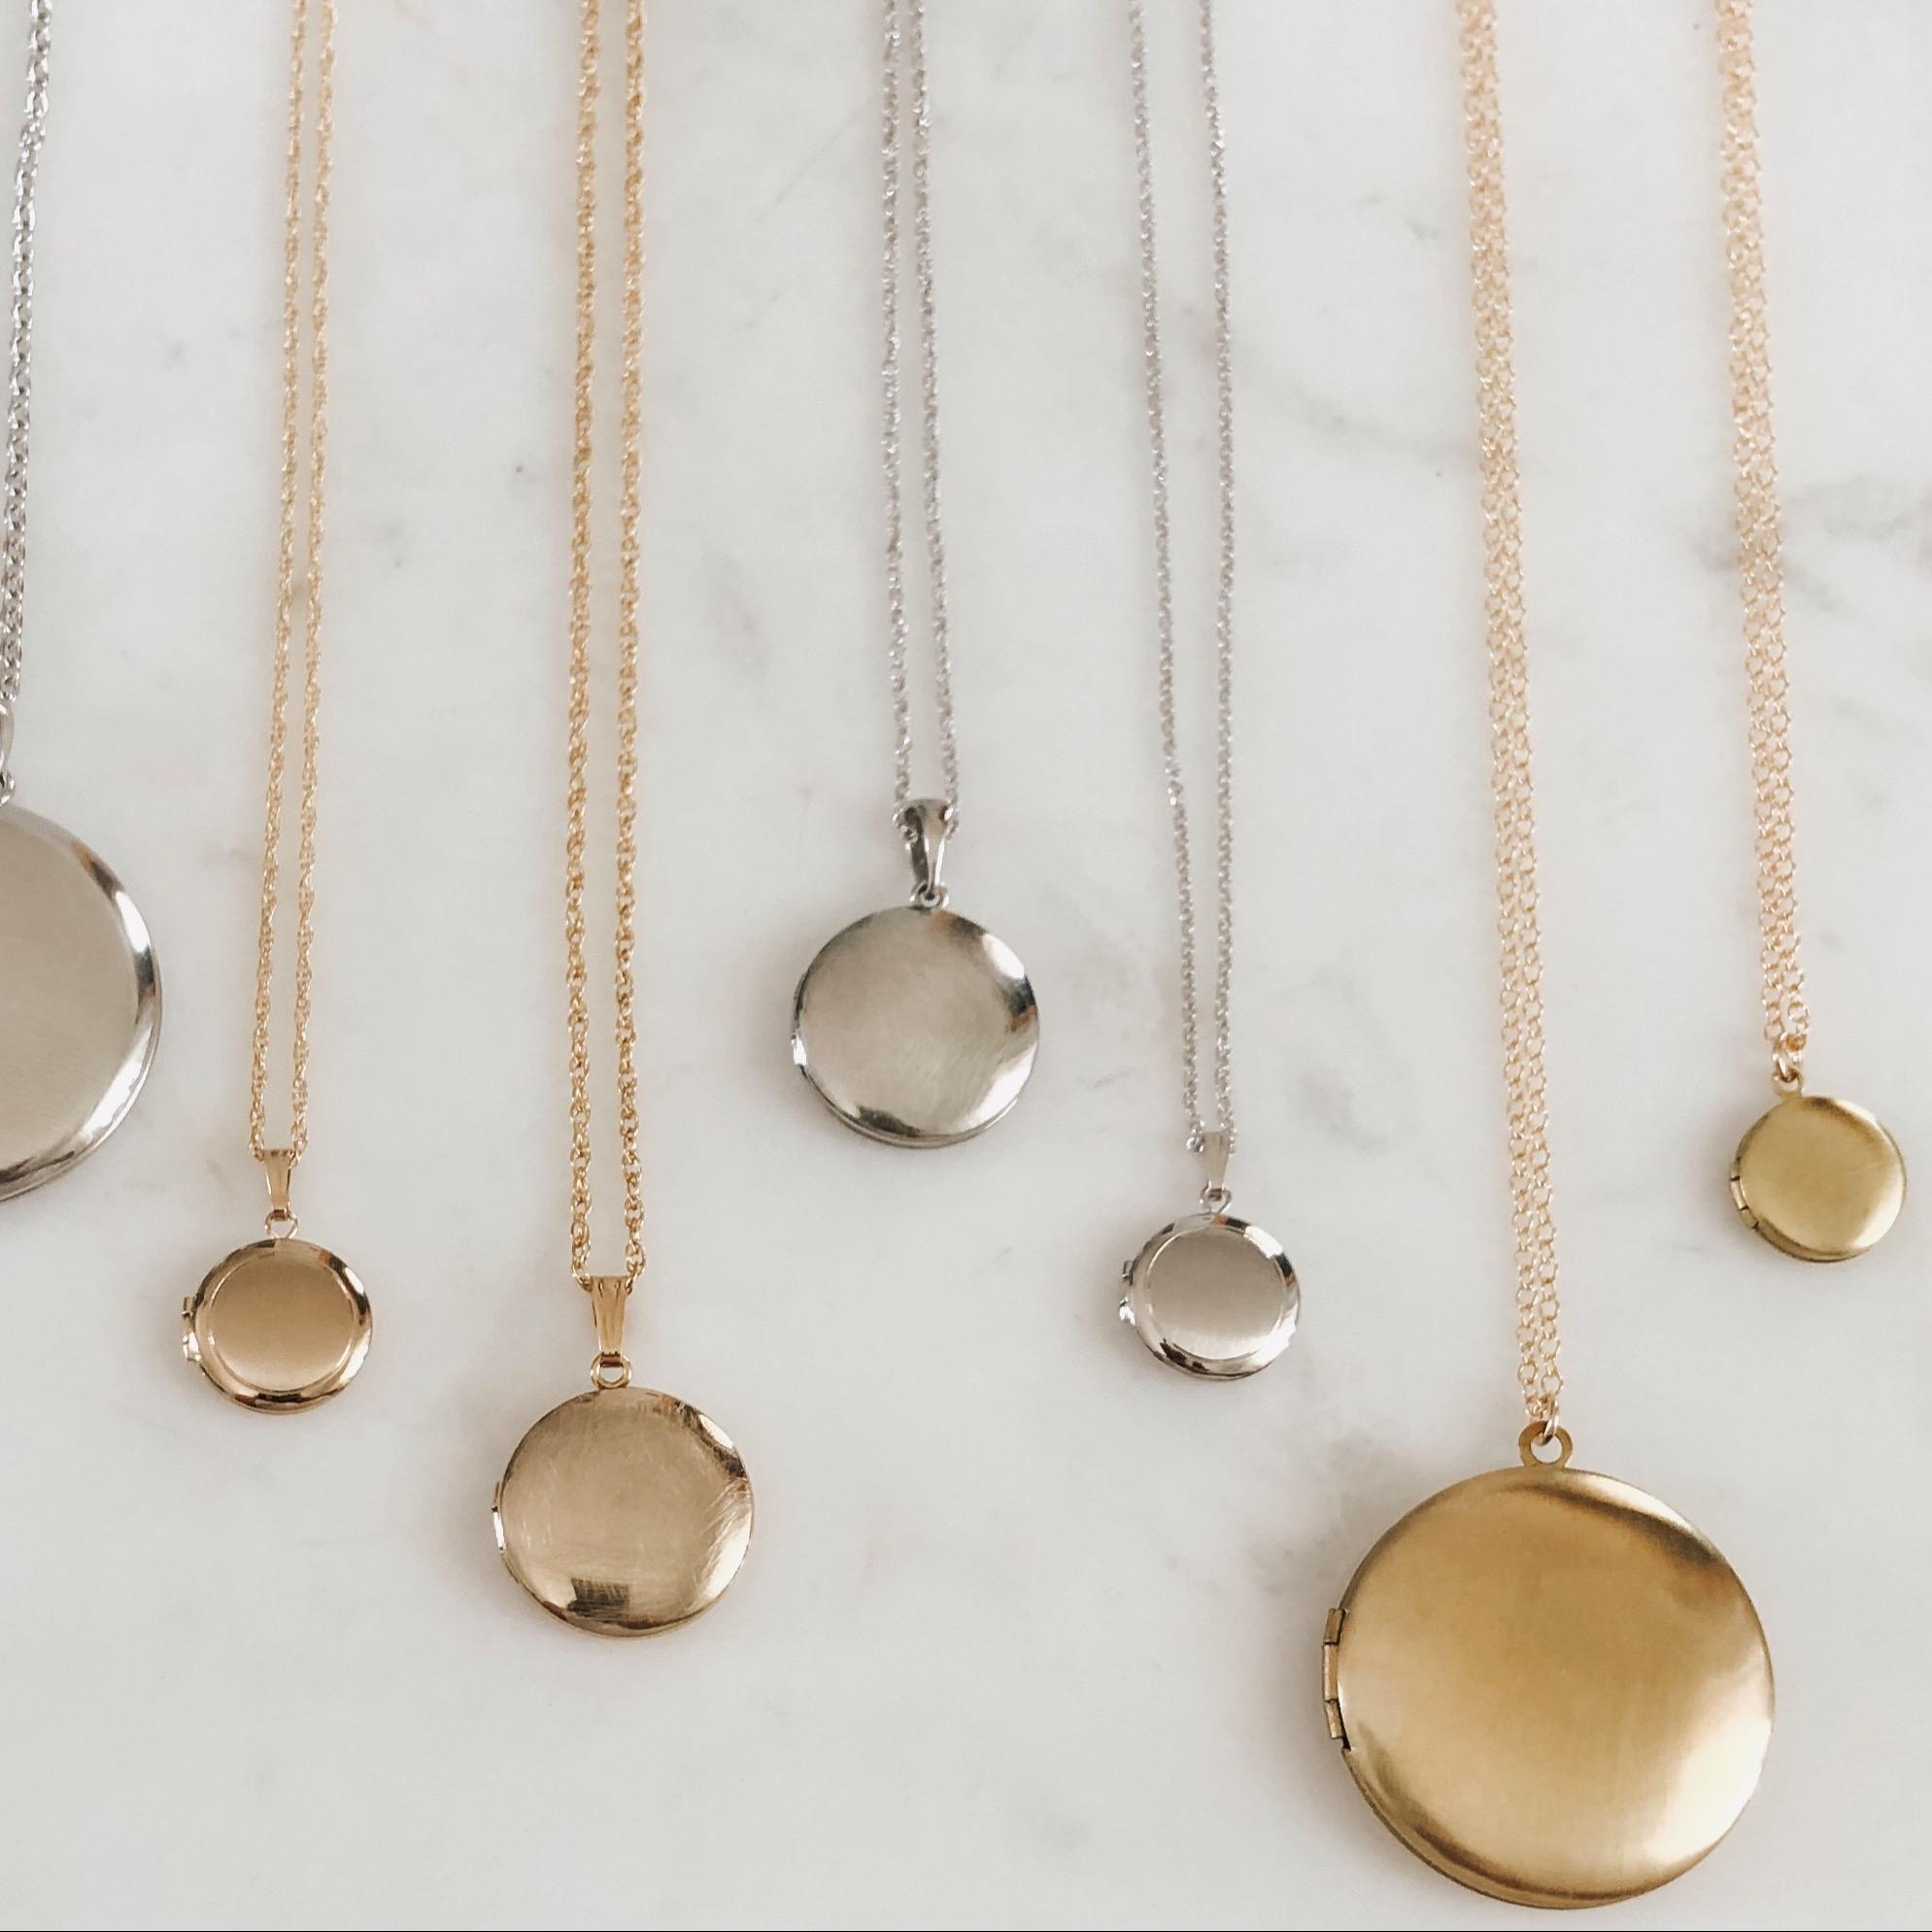 Jewelry Info + Care